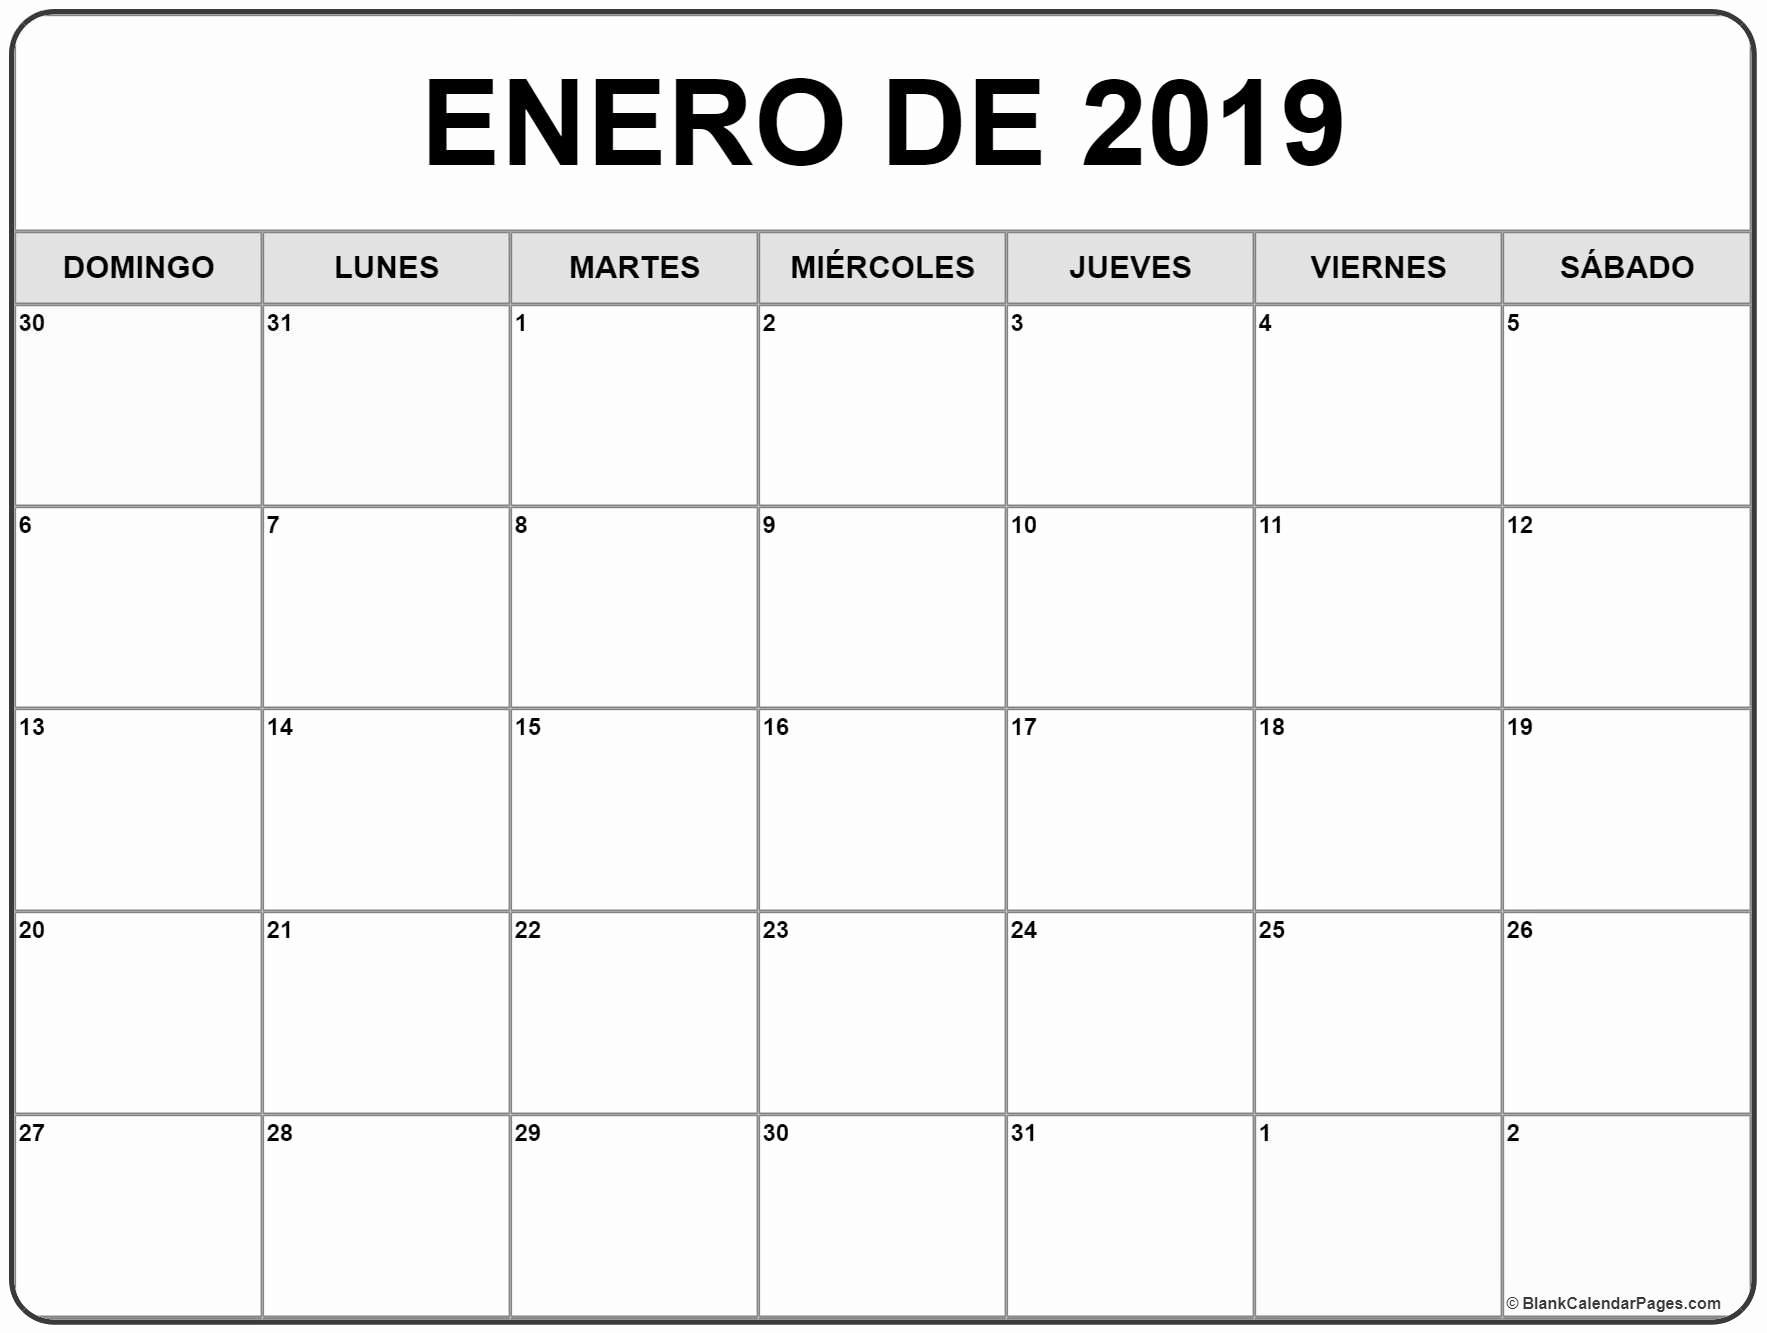 Calendario Enero Febrero 2019 Para Imprimir Actual Calendario Dr 2019 Calendario 2019 Of Calendario Enero Febrero 2019 Para Imprimir Mejores Y Más Novedosos Calendario De Las 13 Lunas 2019 Calendario Escolar Para El Curso